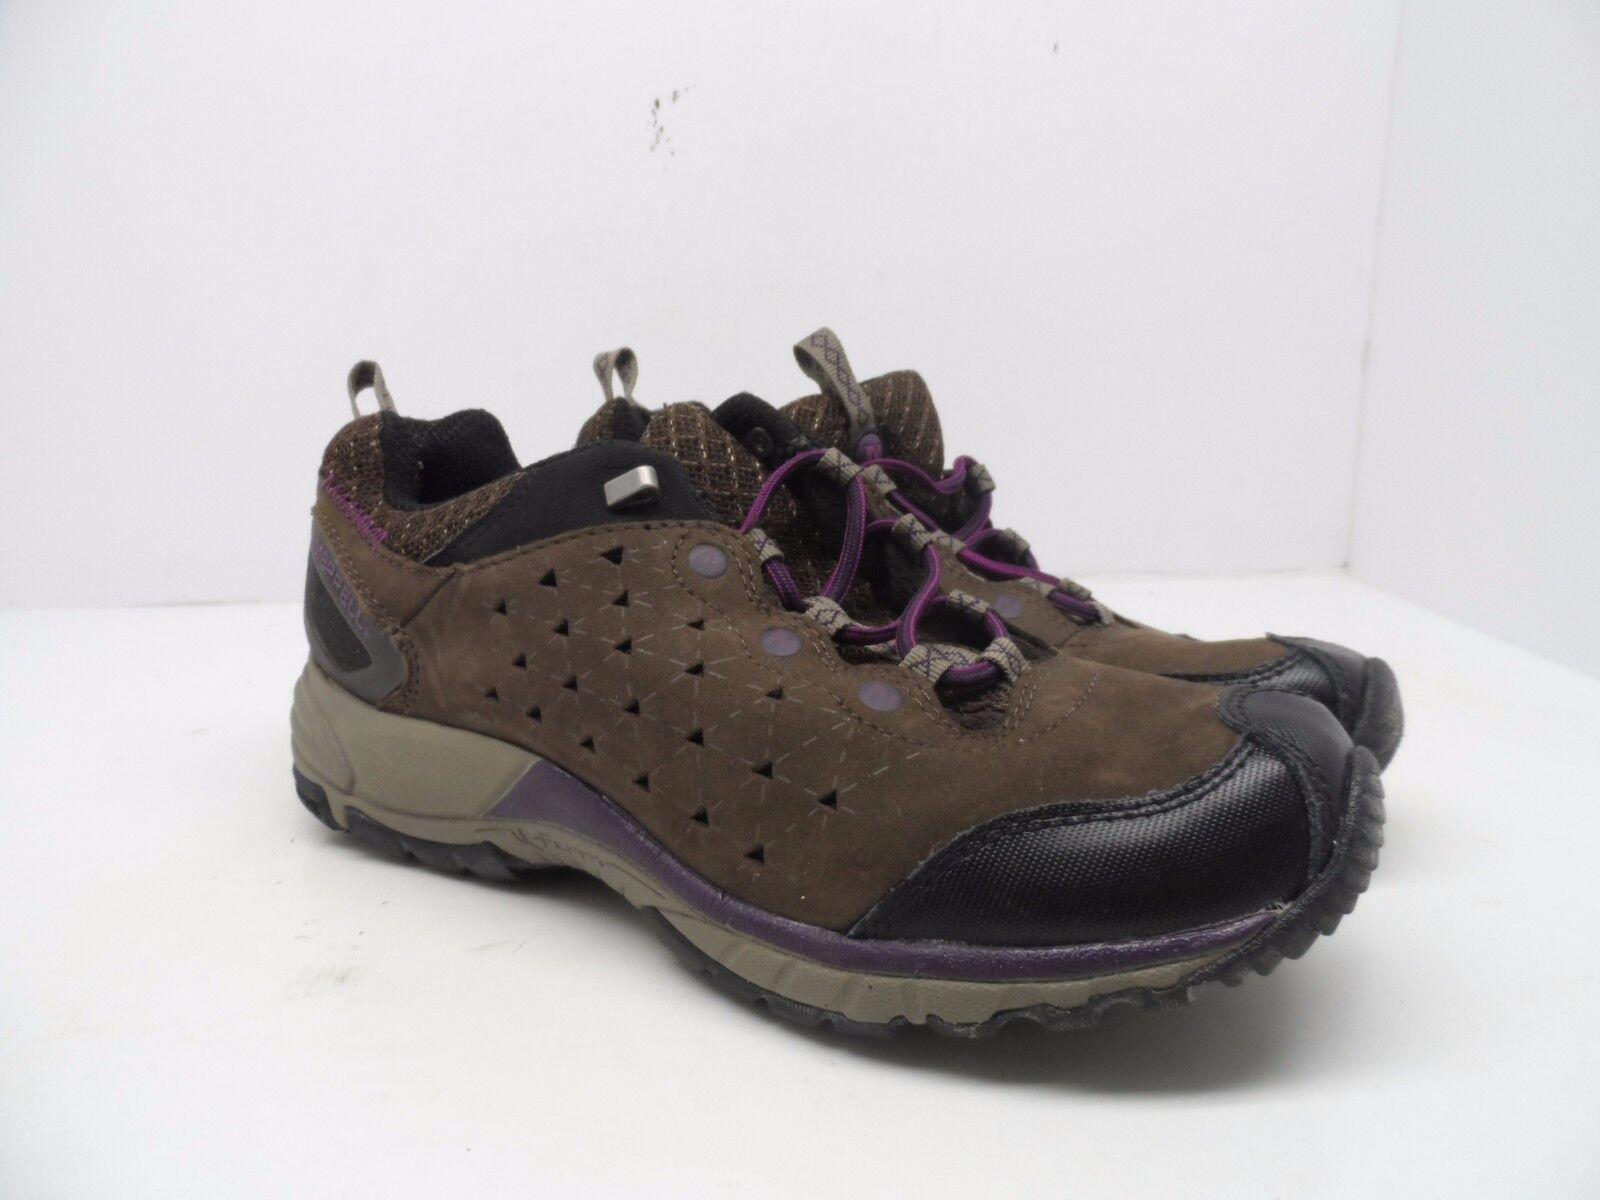 Merrel Women's Avian Light Leather Bracken Hiking Trail shoes Brown Purple 8.5M